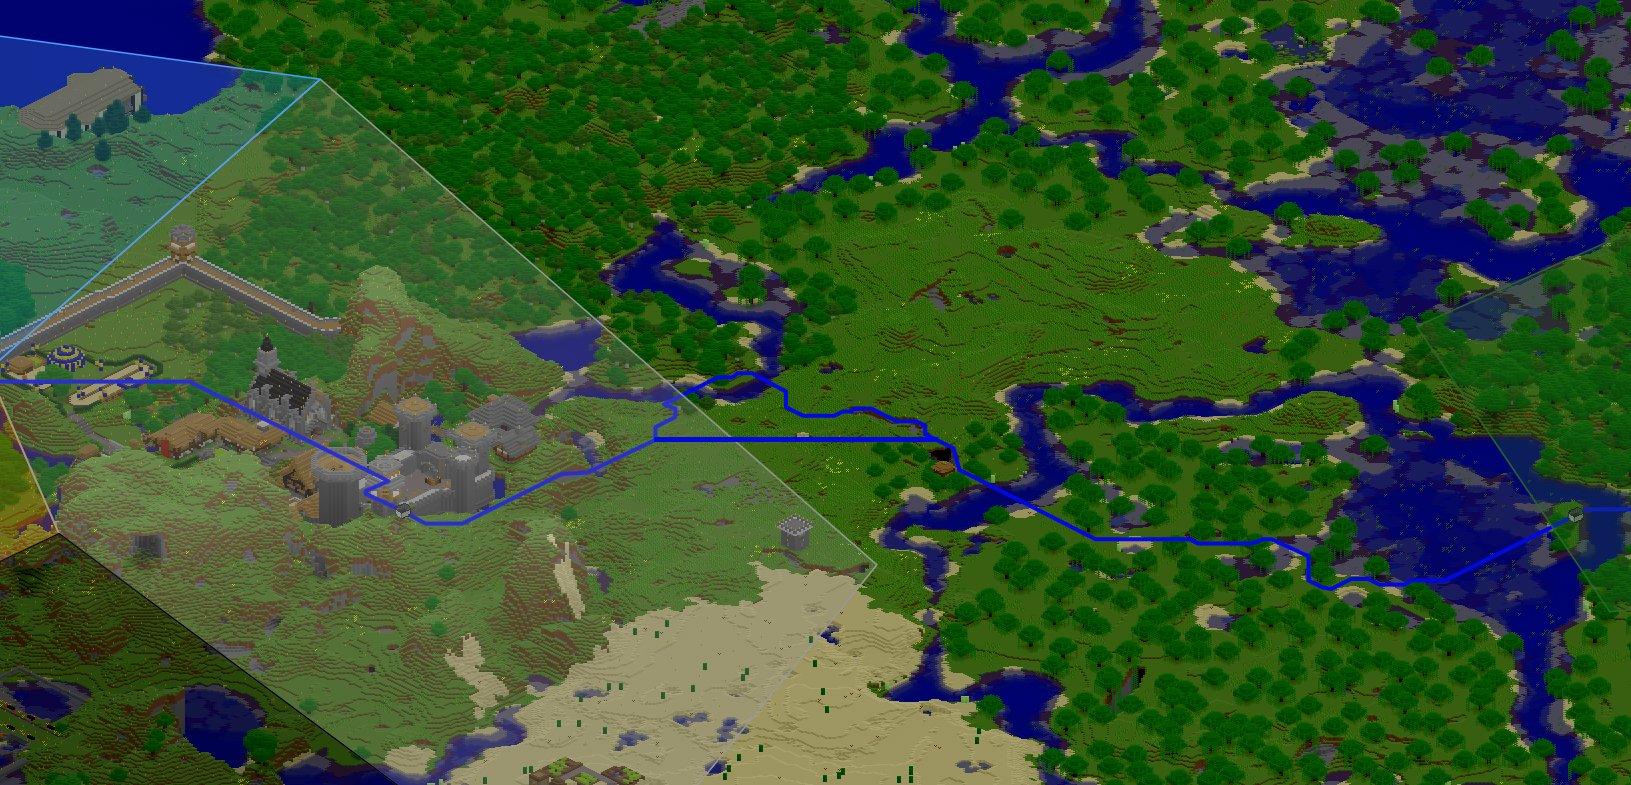 Ligne de métro vers Zalazane (ligne bleue et ligne blanche) Fedb2d13-d63b-488e-832d-4c00fc75da71